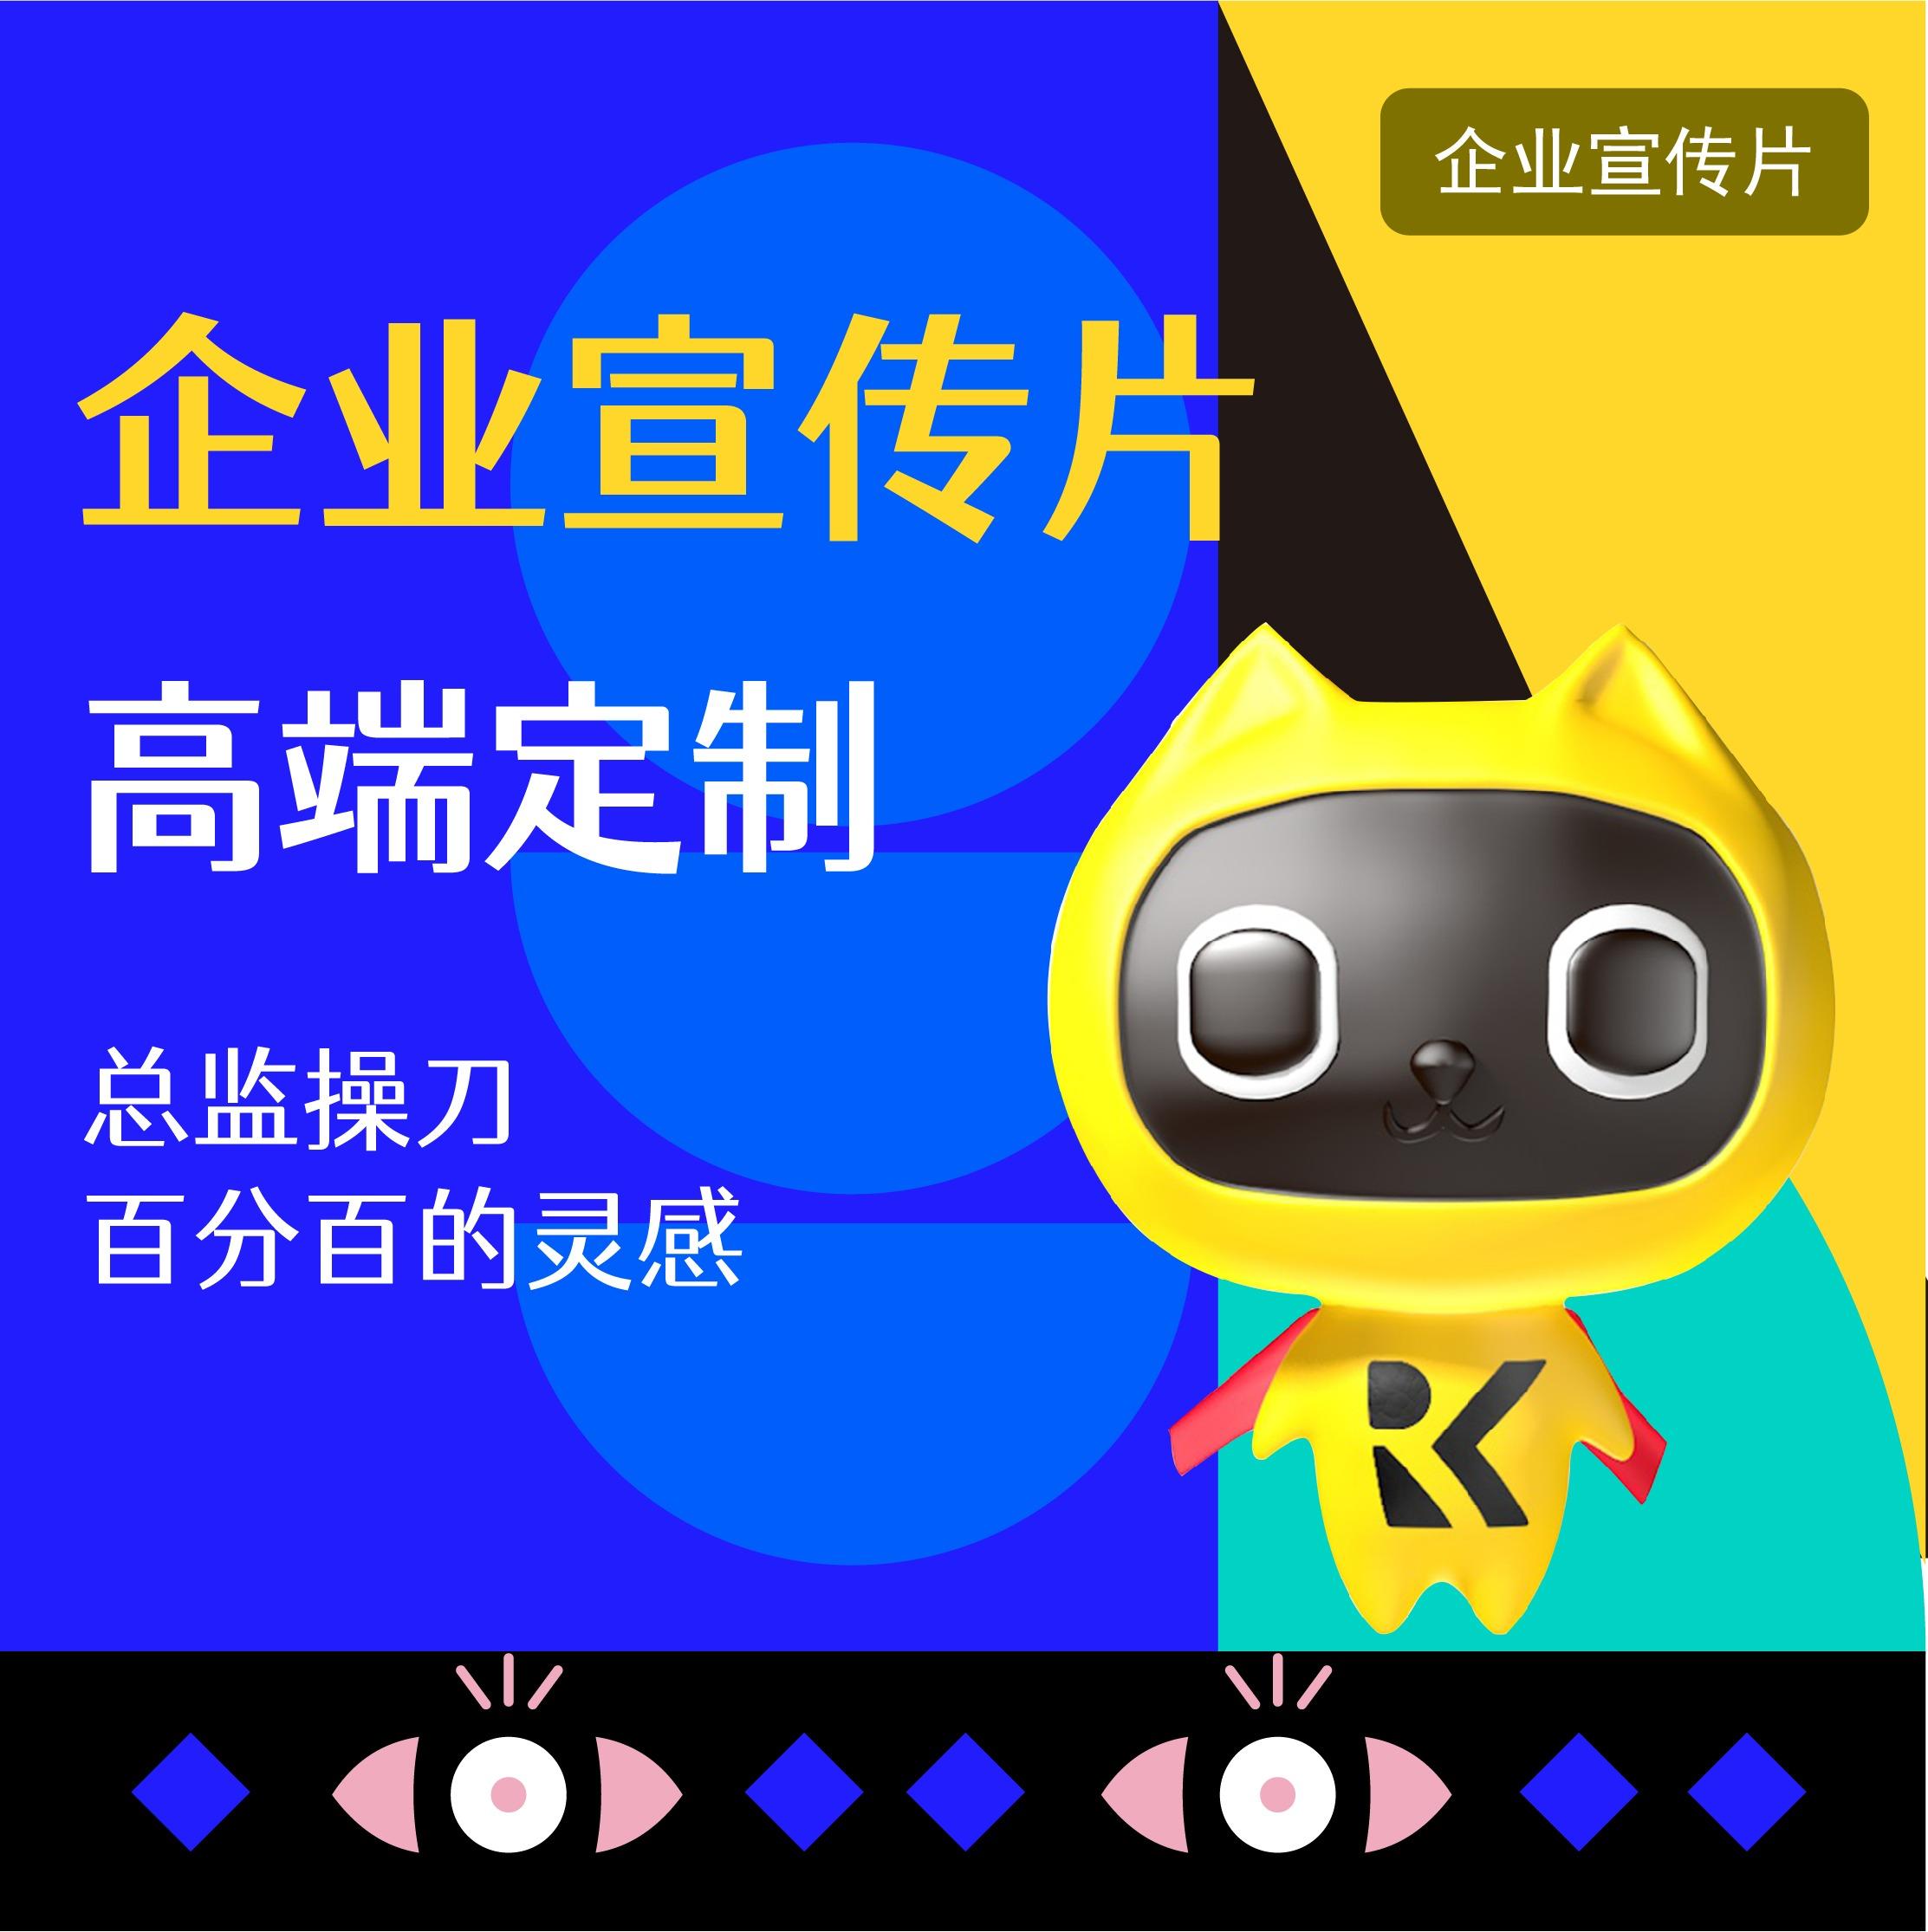 【宣传片】企业产品广告TVC品牌形象宣传片拍摄剪辑包装<hl>电商</hl>短